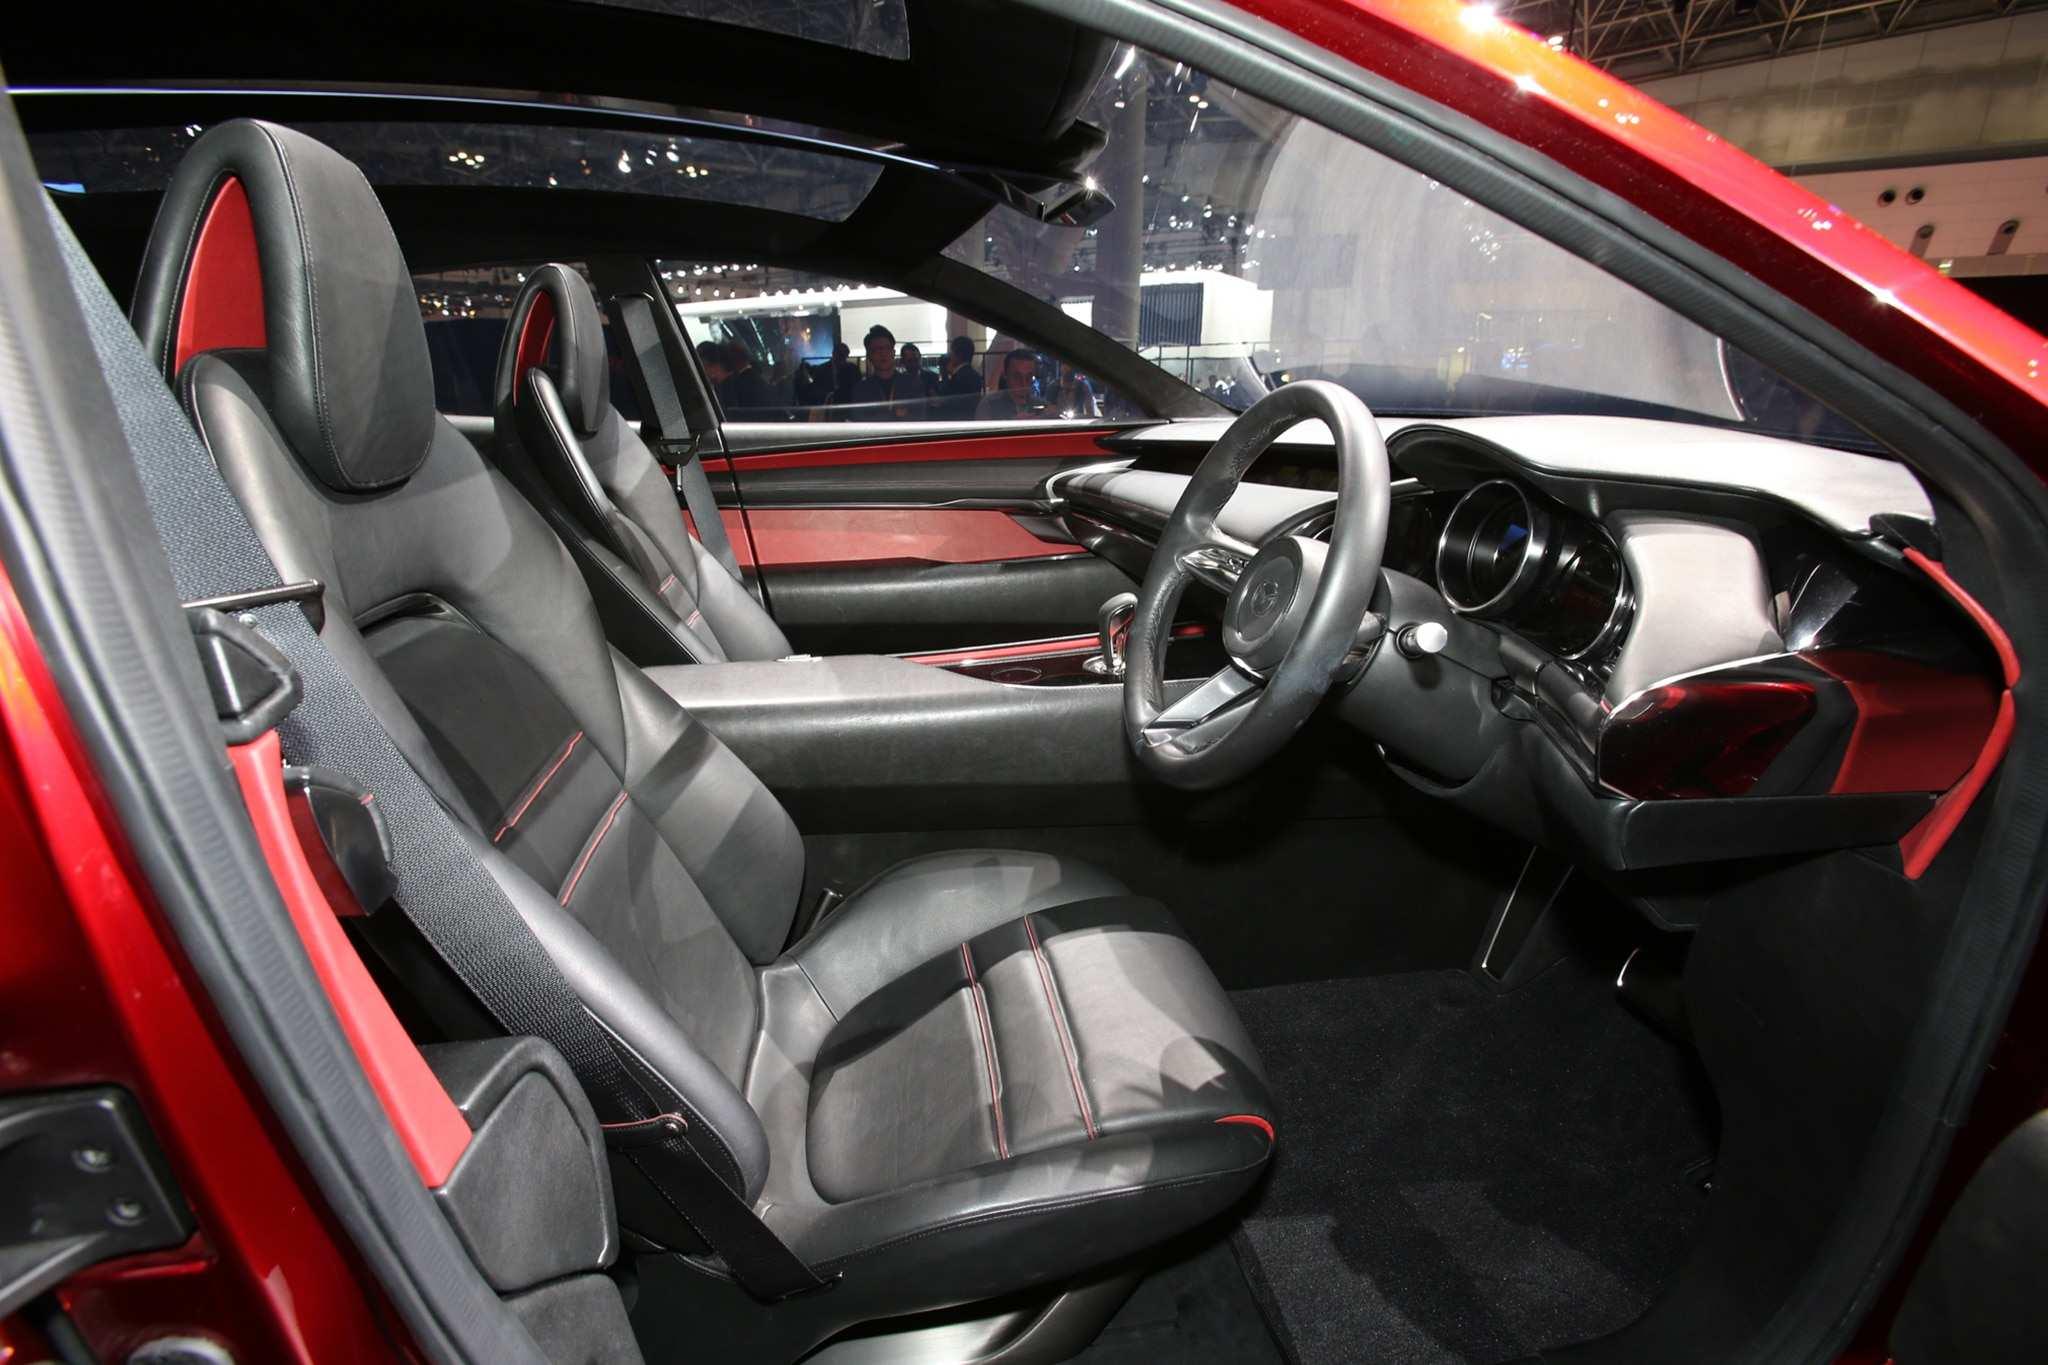 84 Best Review Mazda 2020 Kai Model with Mazda 2020 Kai